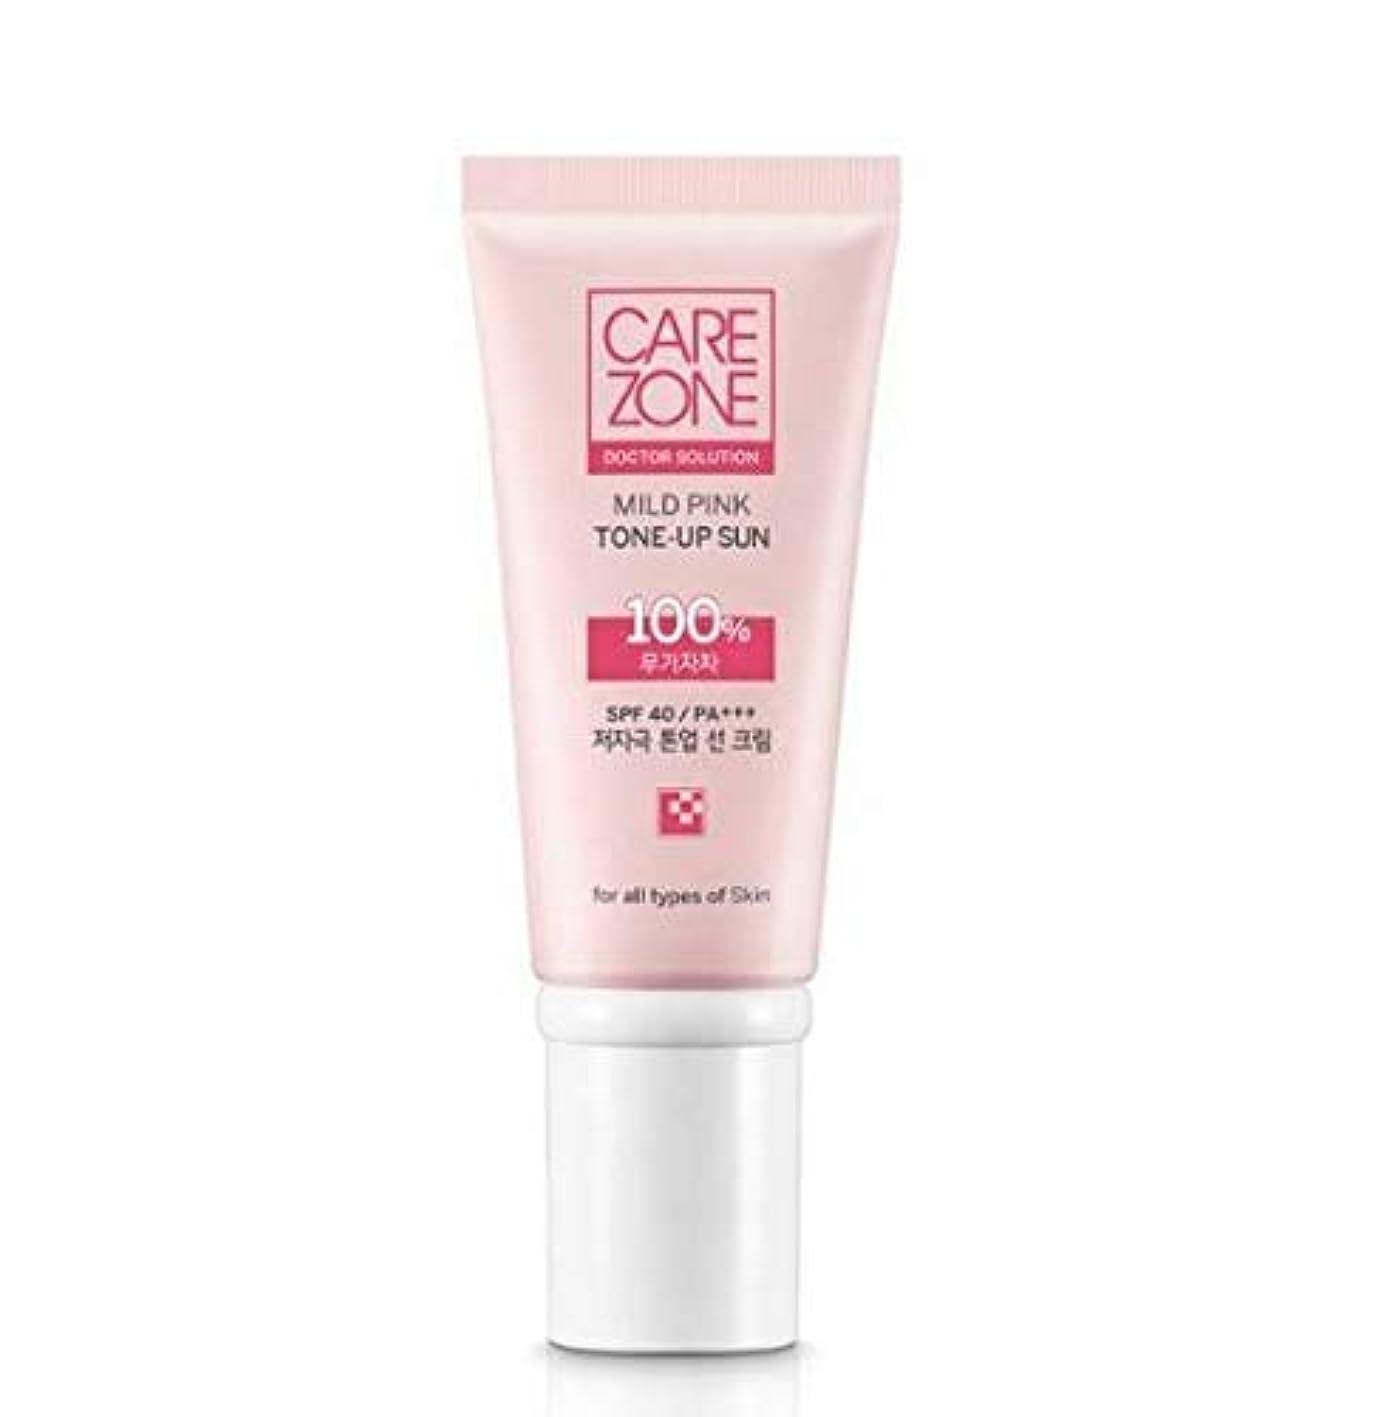 ルビー特異なレオナルドダケアゾーン CAREZONE Doctor Solution マイルドピンクトーンアップサン 50ml SPF40/PA+++ Mild Pink Tone-Up Sun